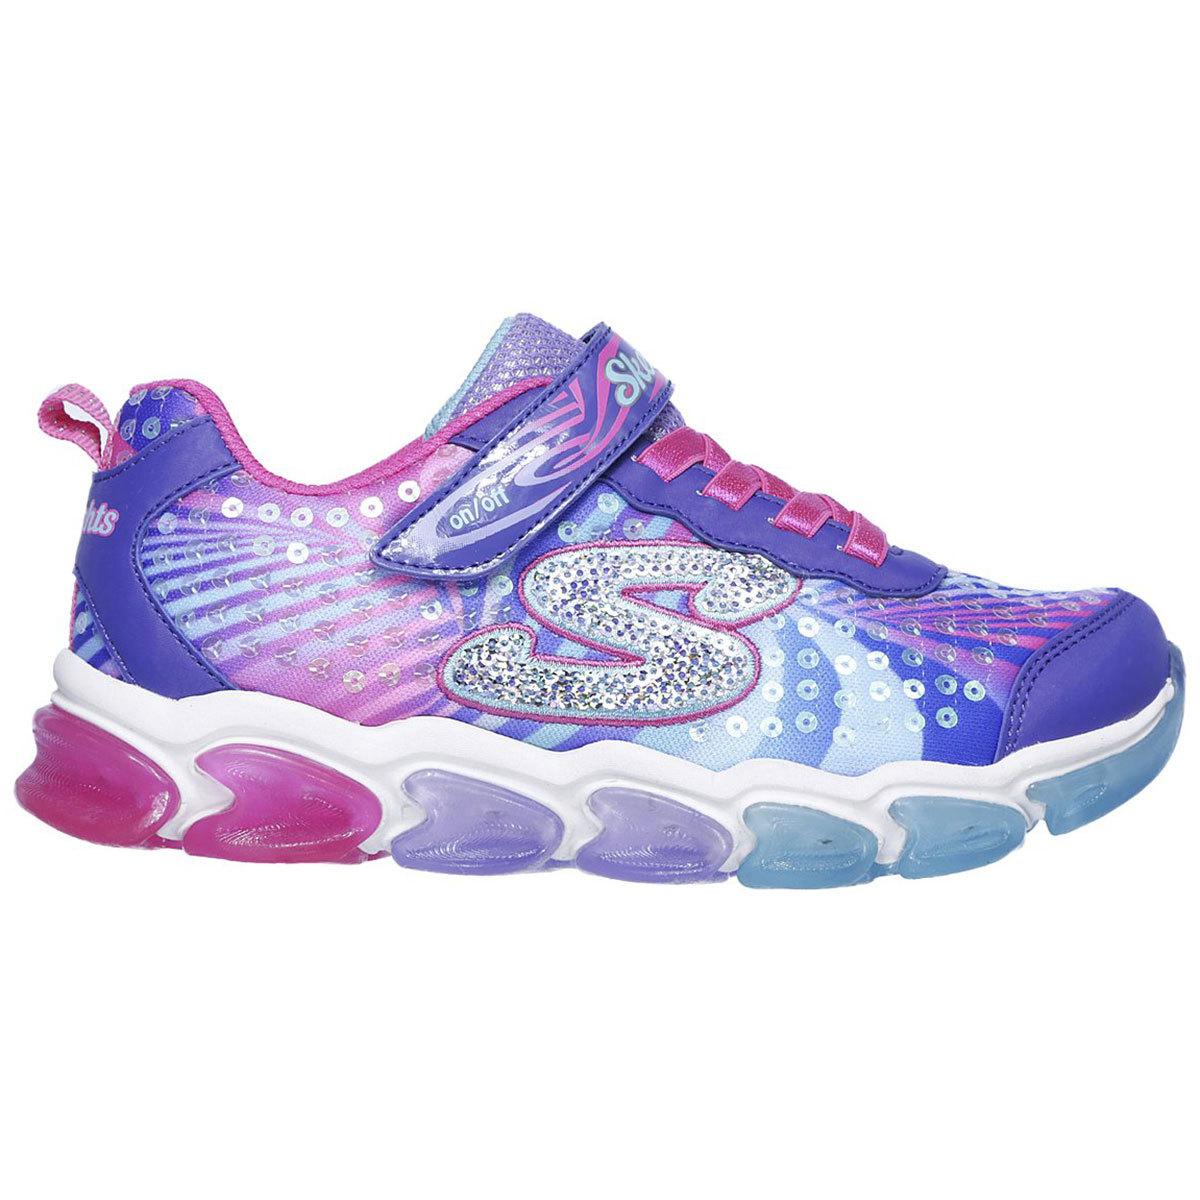 Skechers Little Girls' S Lights: Jelly Beams Sneakers - Purple, 13